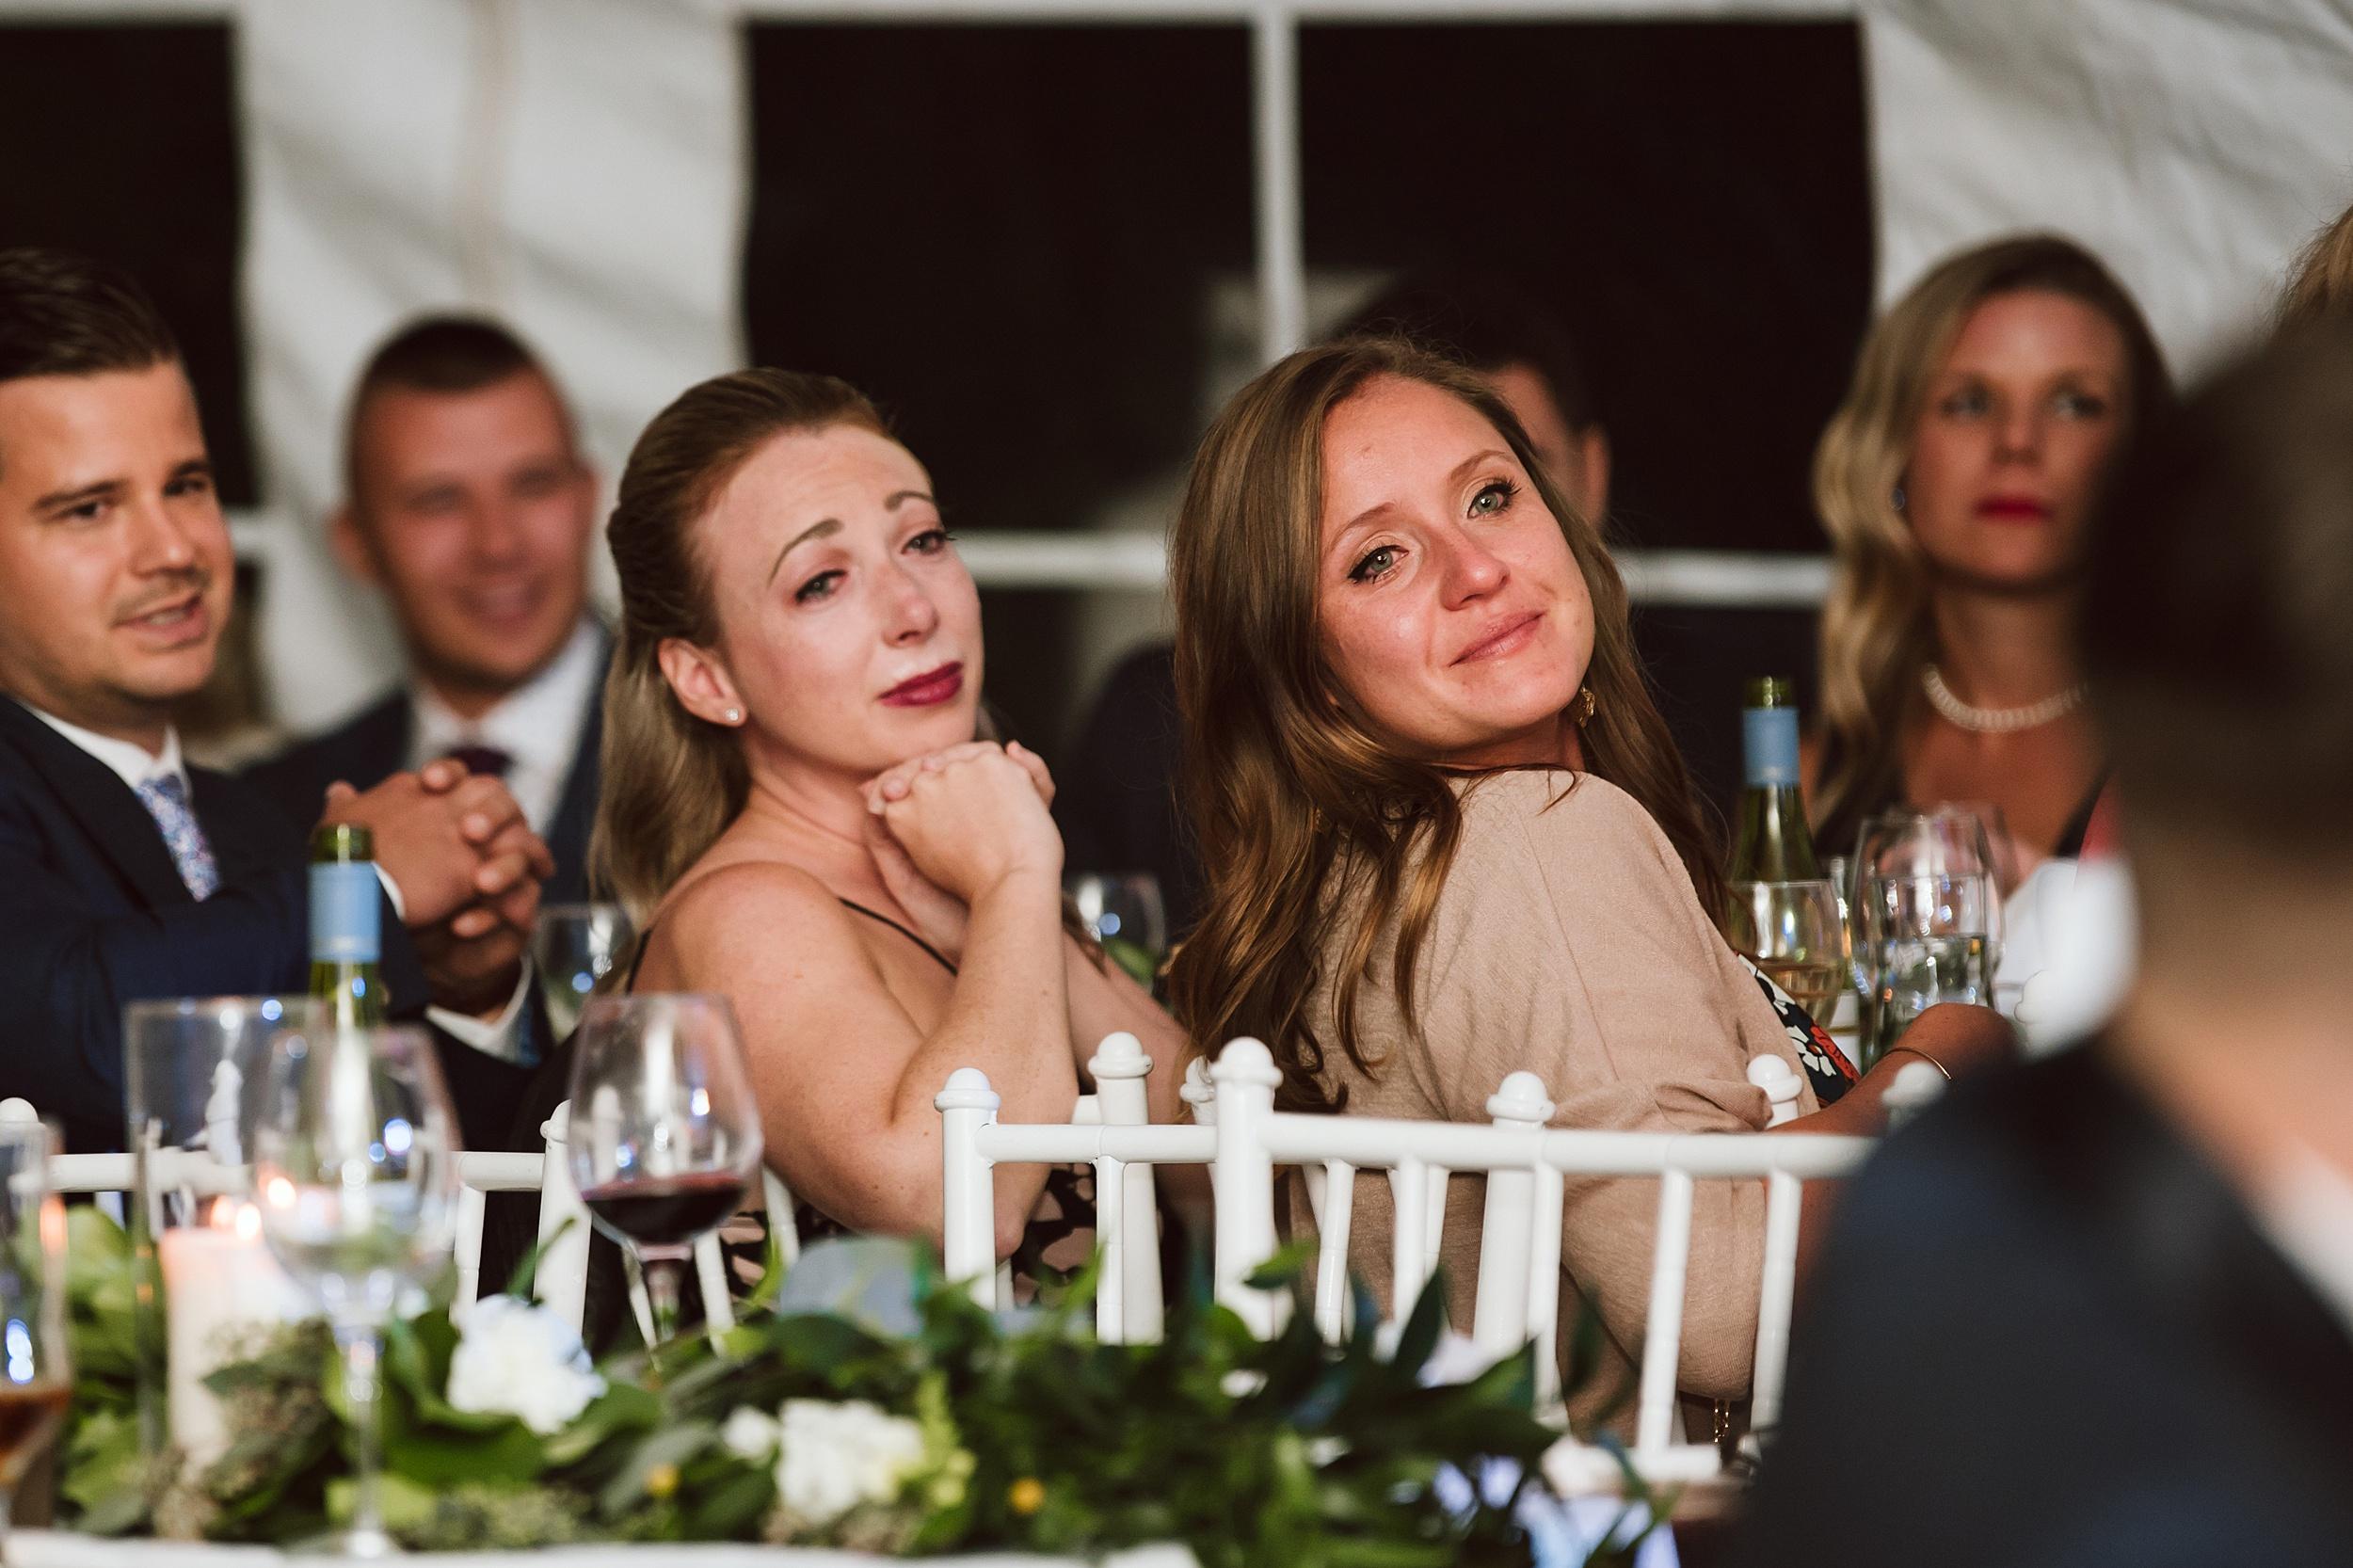 Rustic_Backyard_Wedding_Toronto_Photographer157.jpg